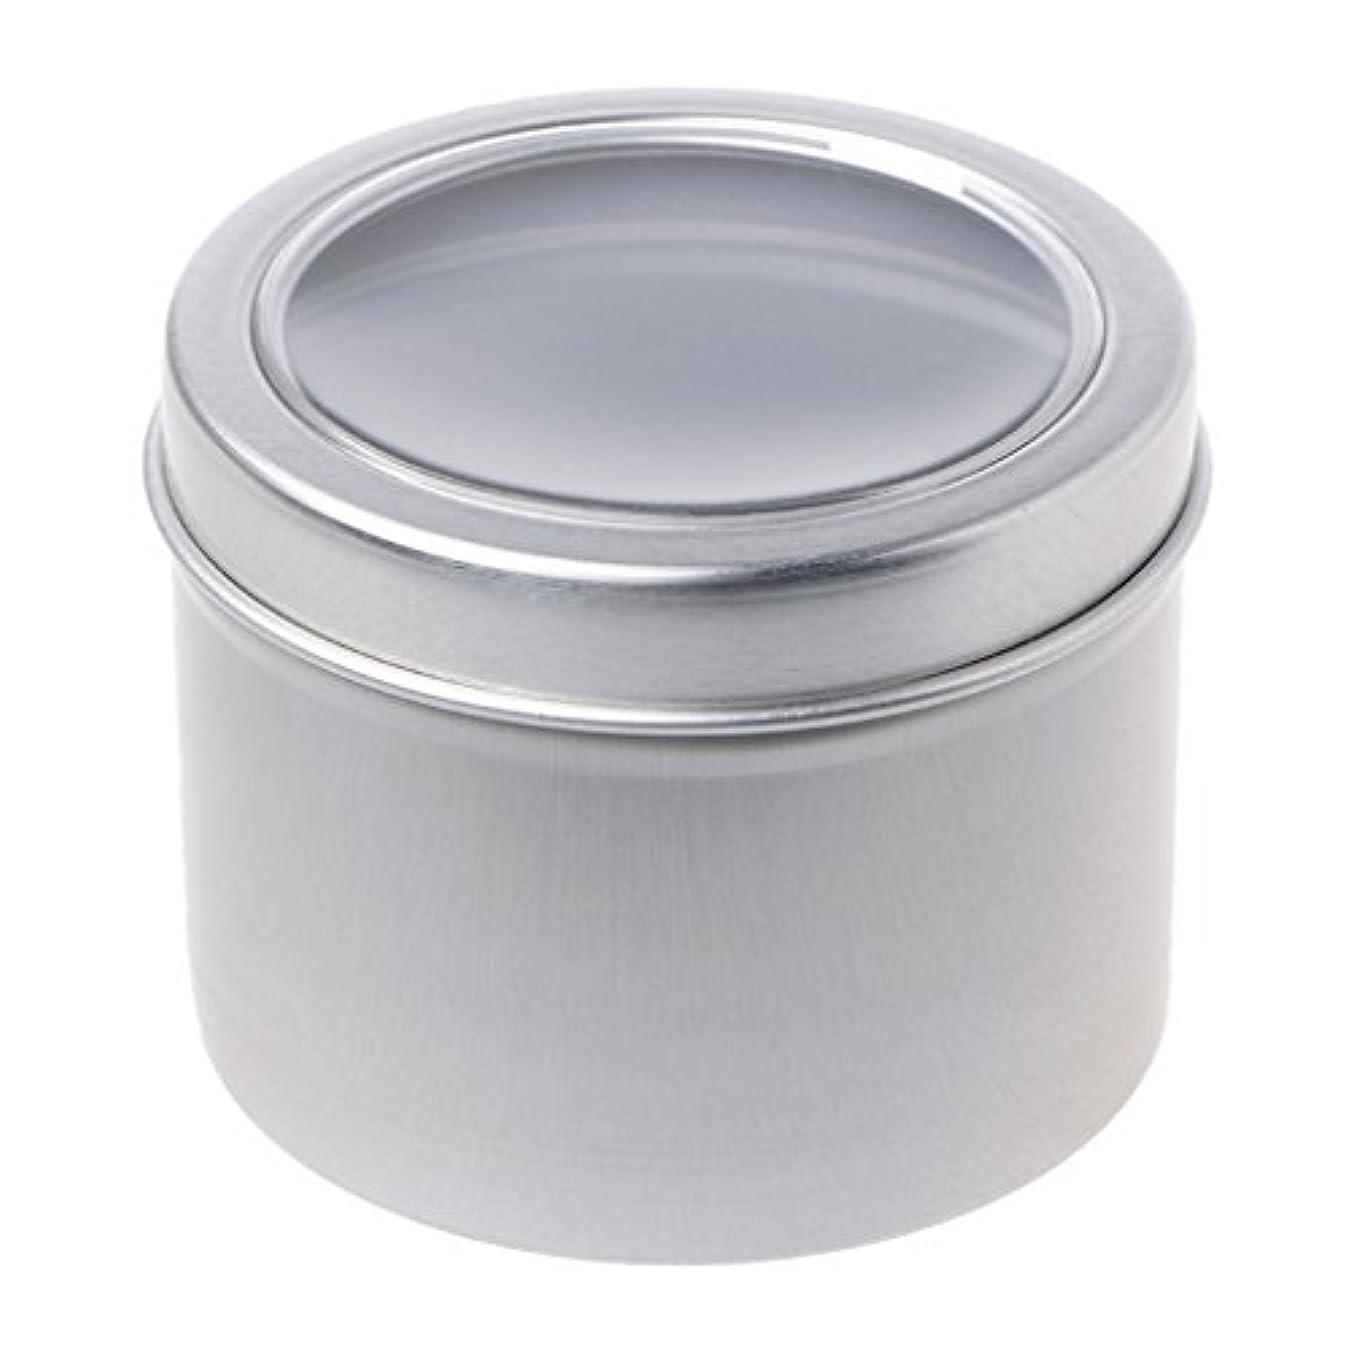 スキッパースクラップブック道徳SimpleLife 60mlラウンドスティンケースコンテナ、蓋が空のクリアウィンドウスイング、蓋付き、スモールガジェット、DIYリップバーム - スパイスケース、アルミ容器ボックス/ミニポケットサイズの缶